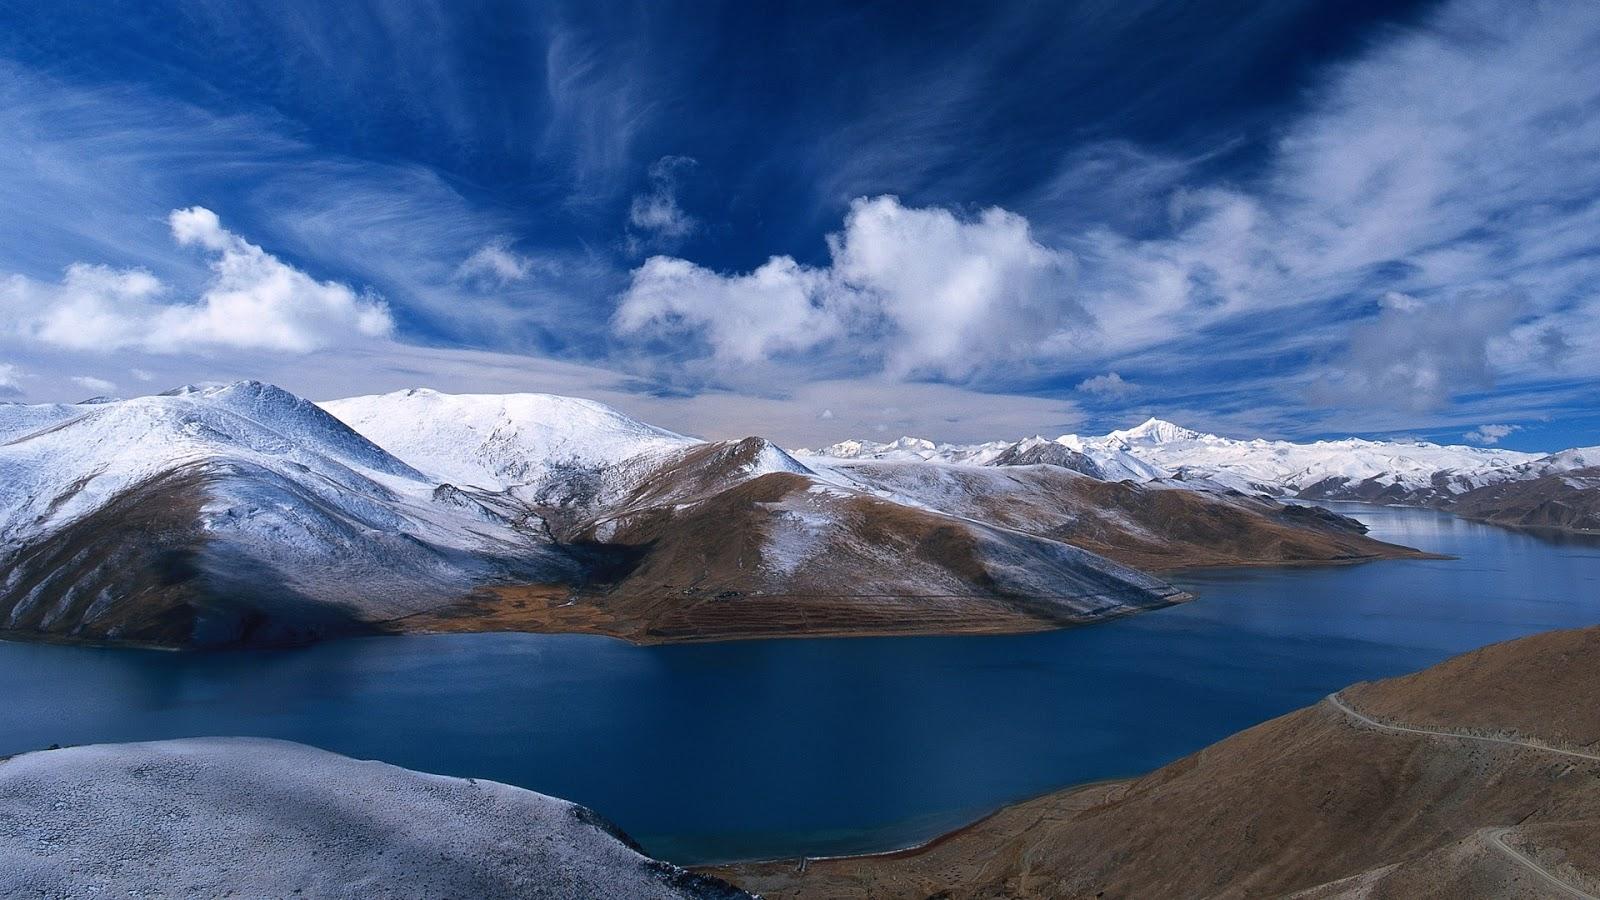 Fondo De Escritorio Montañas Nevadas: Fondo Pantalla Paisajes HD Montañas Nevadas